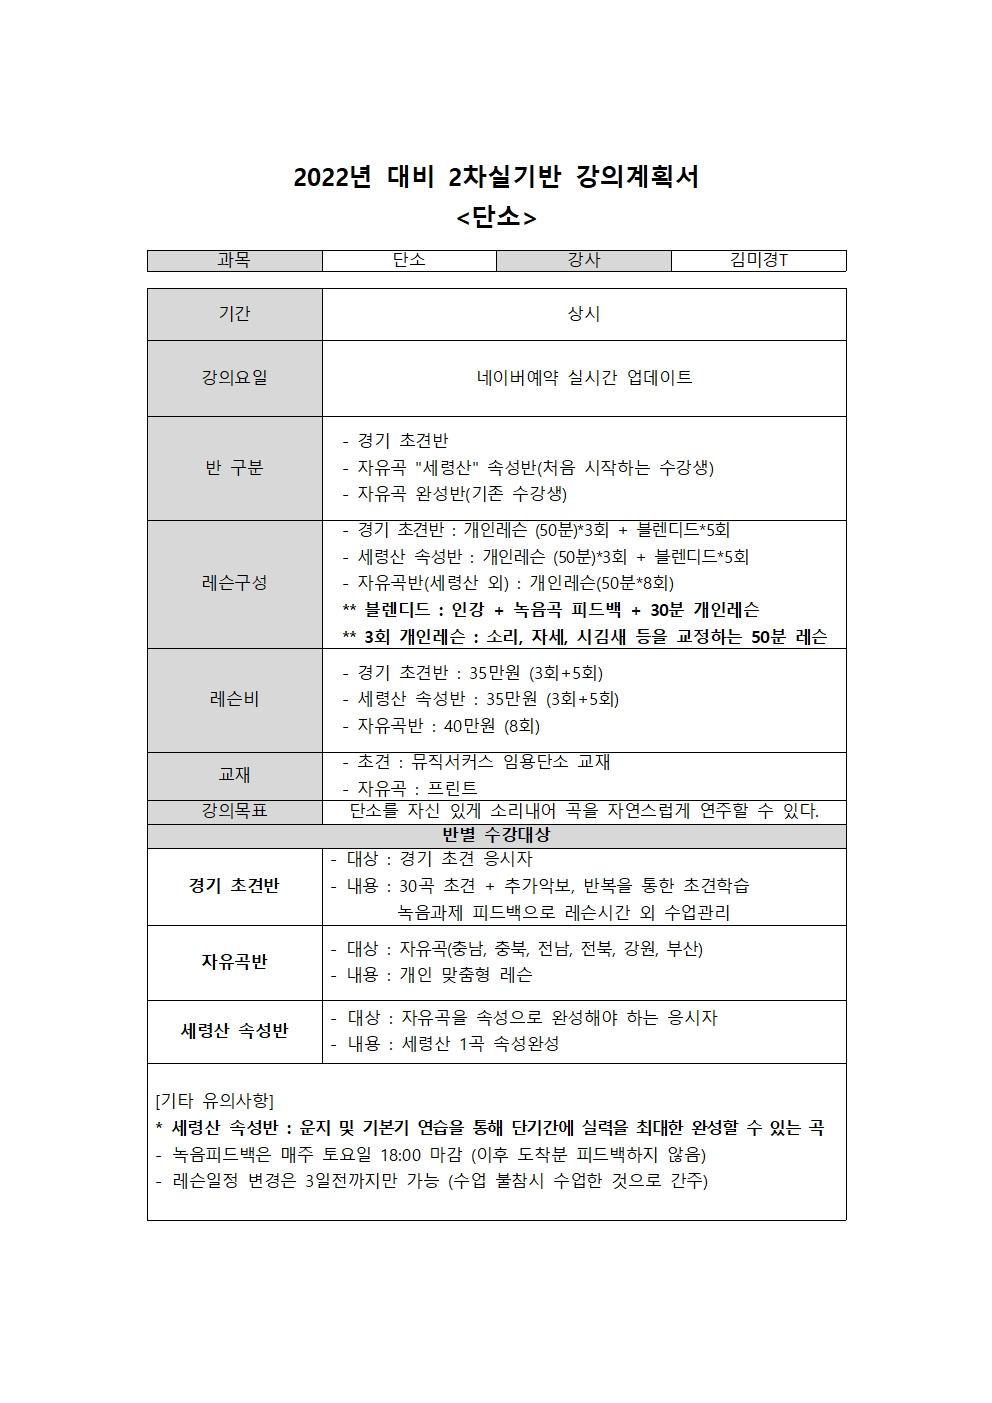 [단소] 2022 2차시험대비 강의계획서 - 김미경 (Final)001.jpg